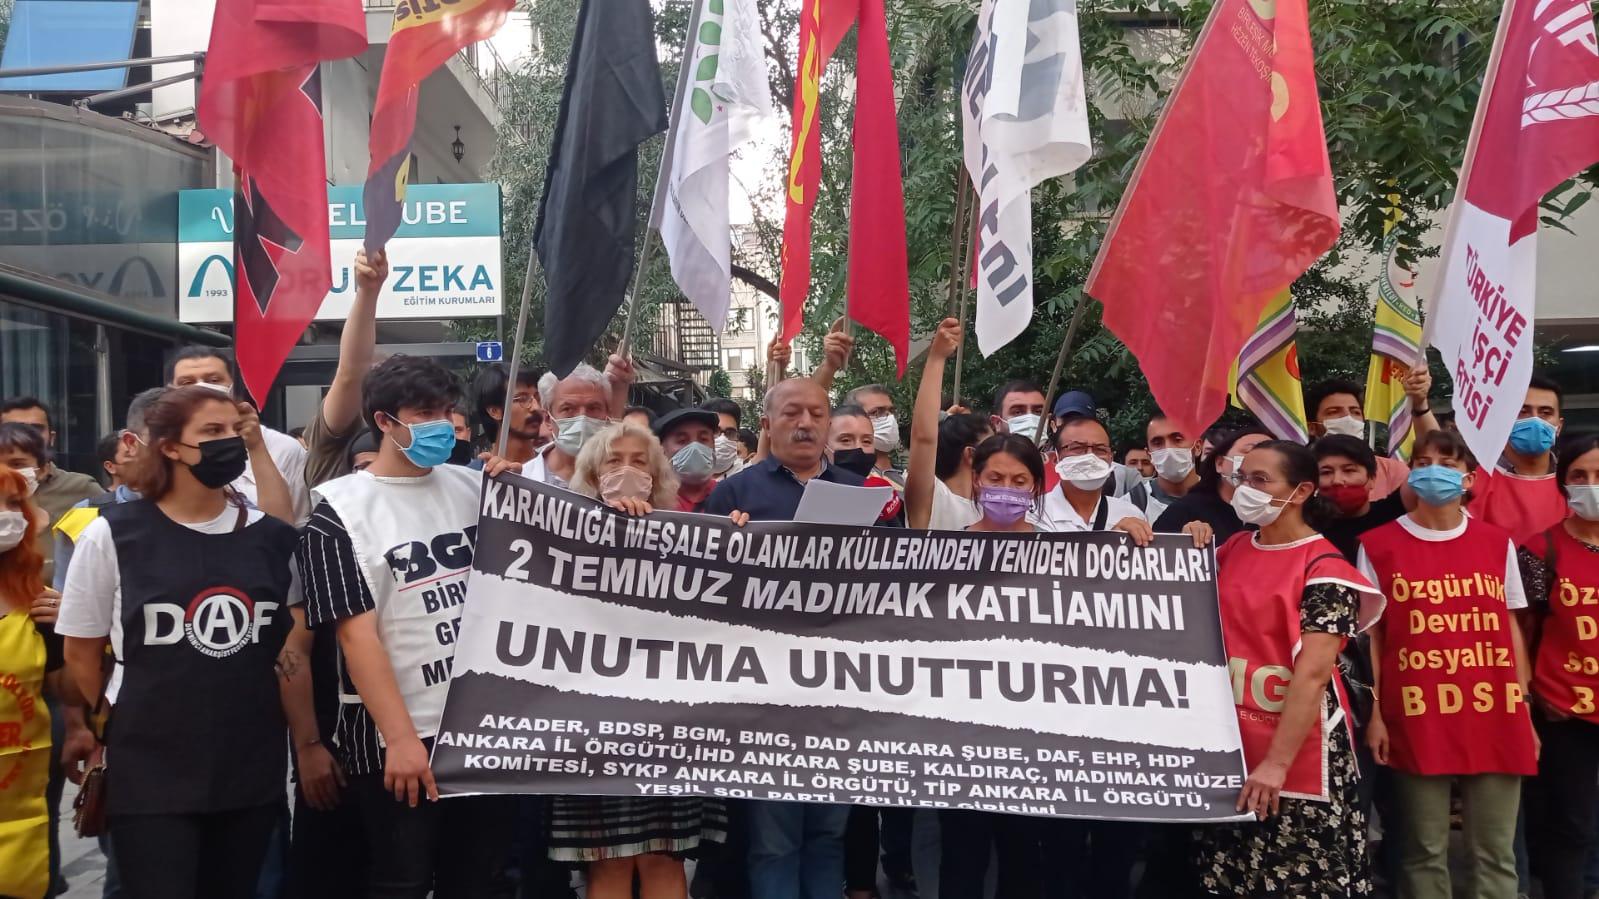 Madımak Katliamı'nın 28.Yılında Ankara:  Unutmak Yok, Affetmek Yok!